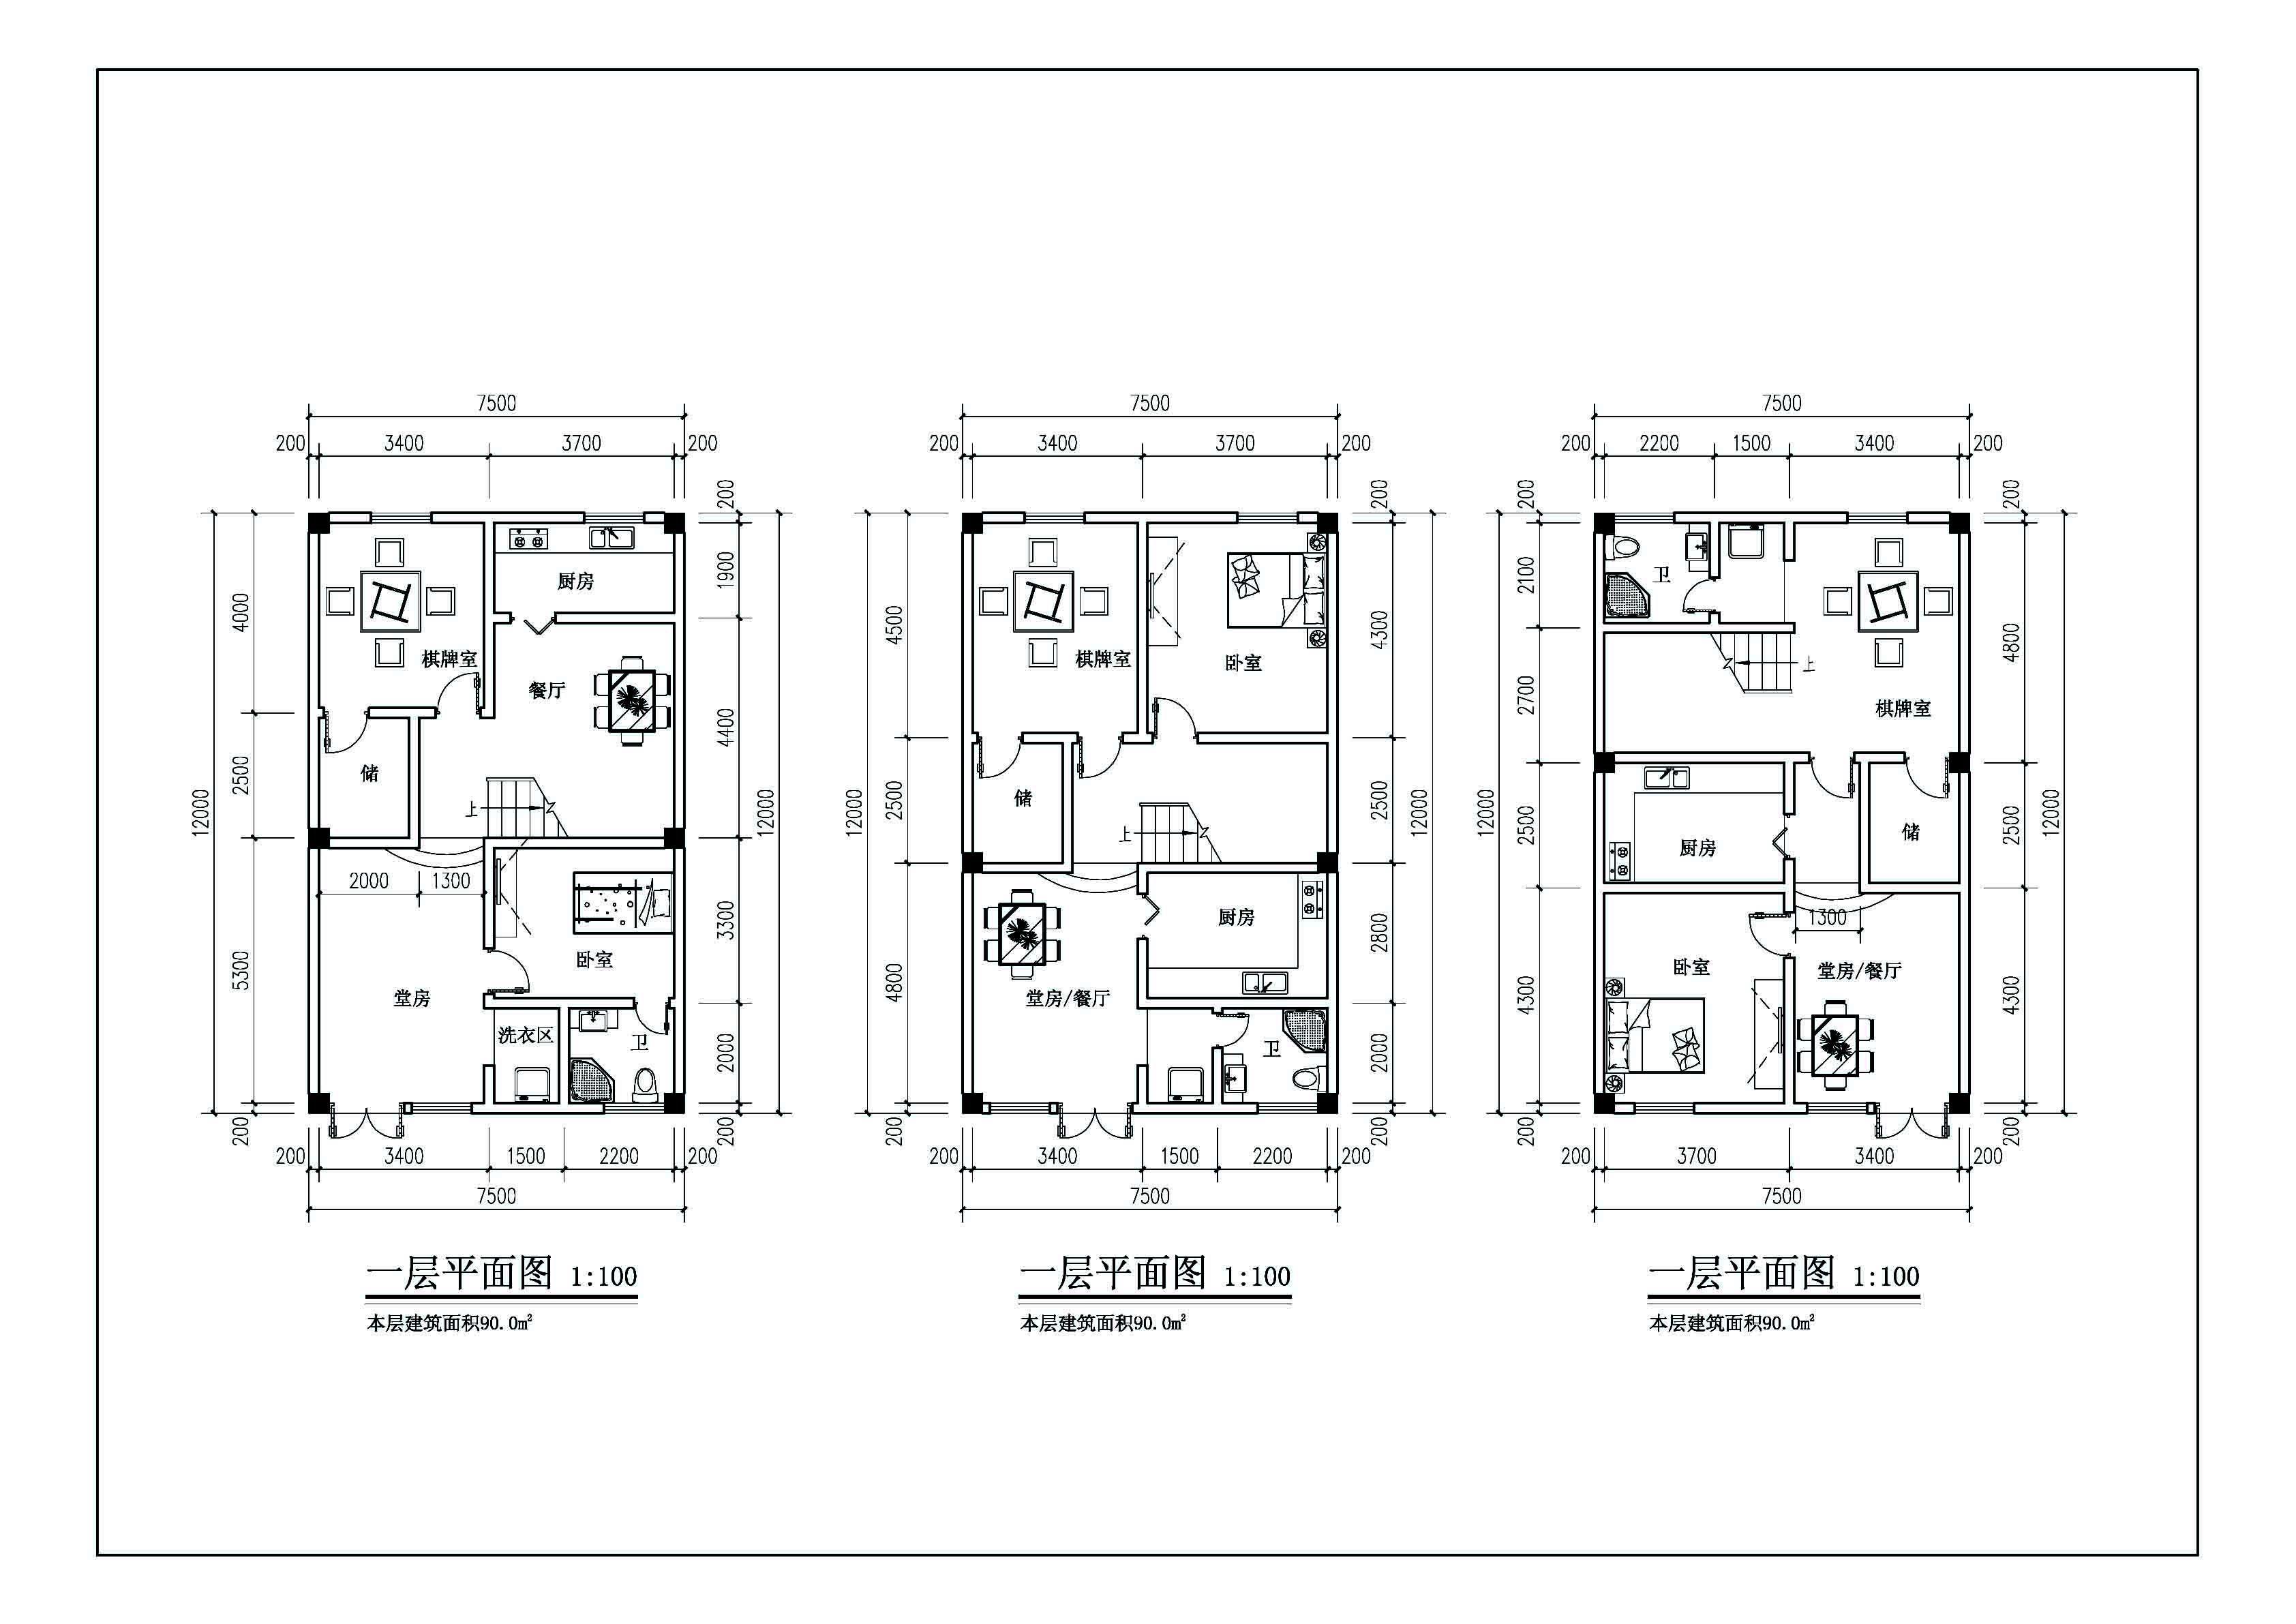 简易小楼平面图